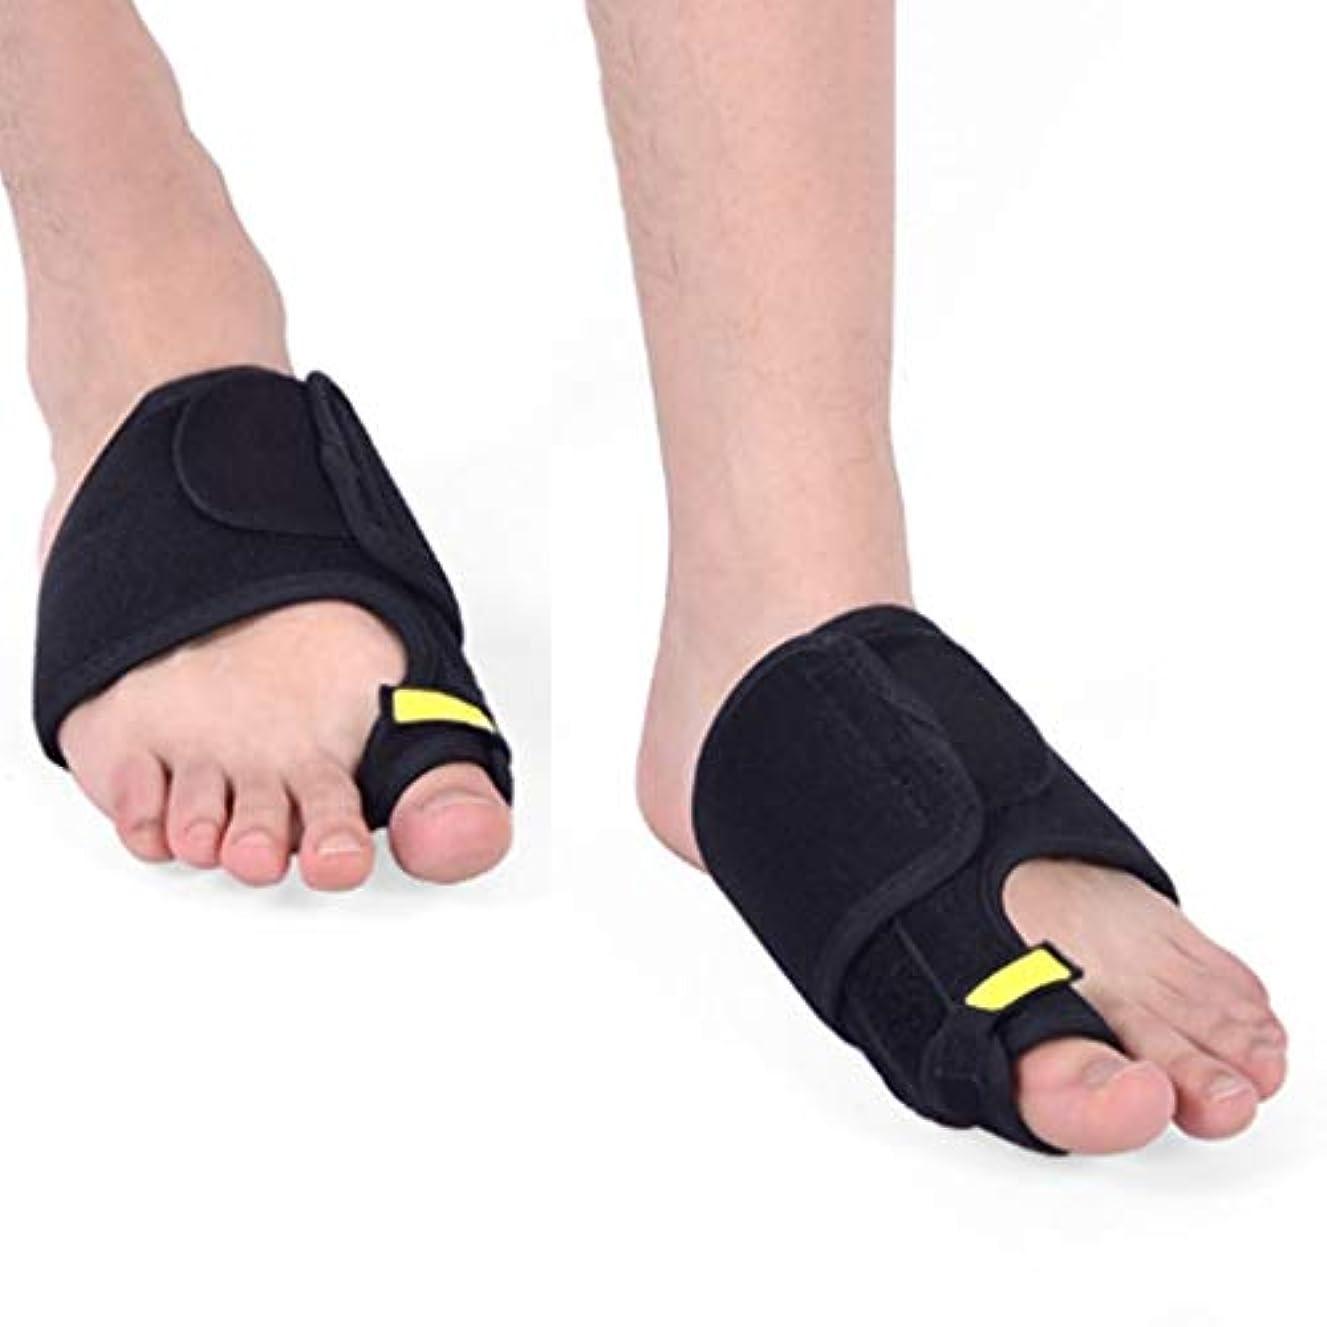 コイルフライト顧問外反母趾の補正は、足の親指の外反母趾補正は、との完全な夜で外反母趾補正を恐喝されます